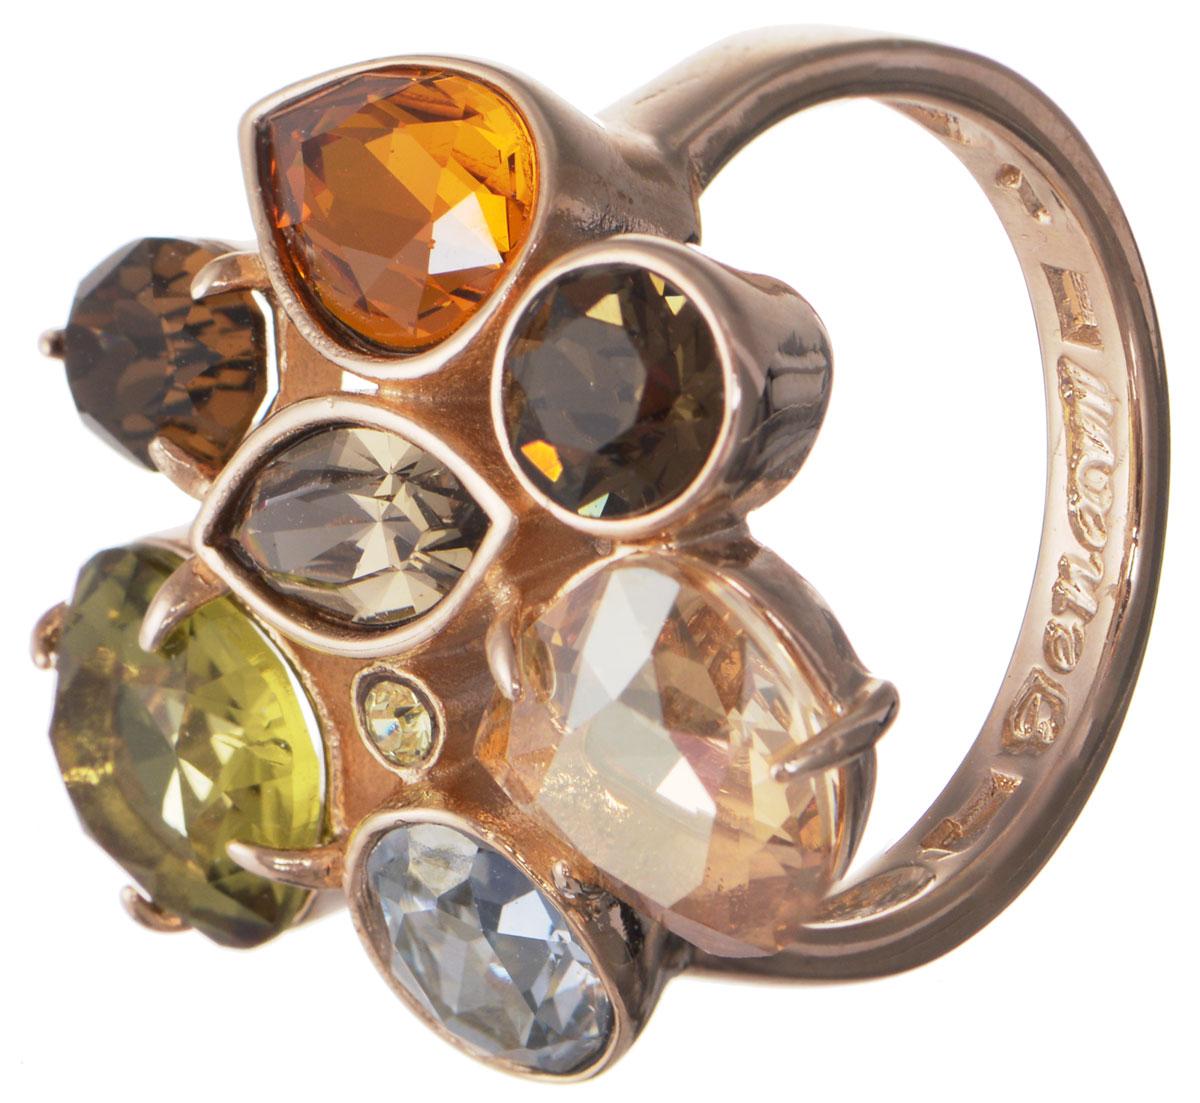 Кольцо Jenavi Гламур, цвет: золотой, мультиколор. h195p070. Размер 21h195p070Кольцо современного дизайна Jenavi Гламур изготовлено из гипоаллергенного ювелирного сплава с покрытием из золота. Дополняют кольцо граненые кристаллы Swarovski разнообразные по своим формам. Стильное кольцо придаст вашему образу изюминку и подчеркнет индивидуальность.